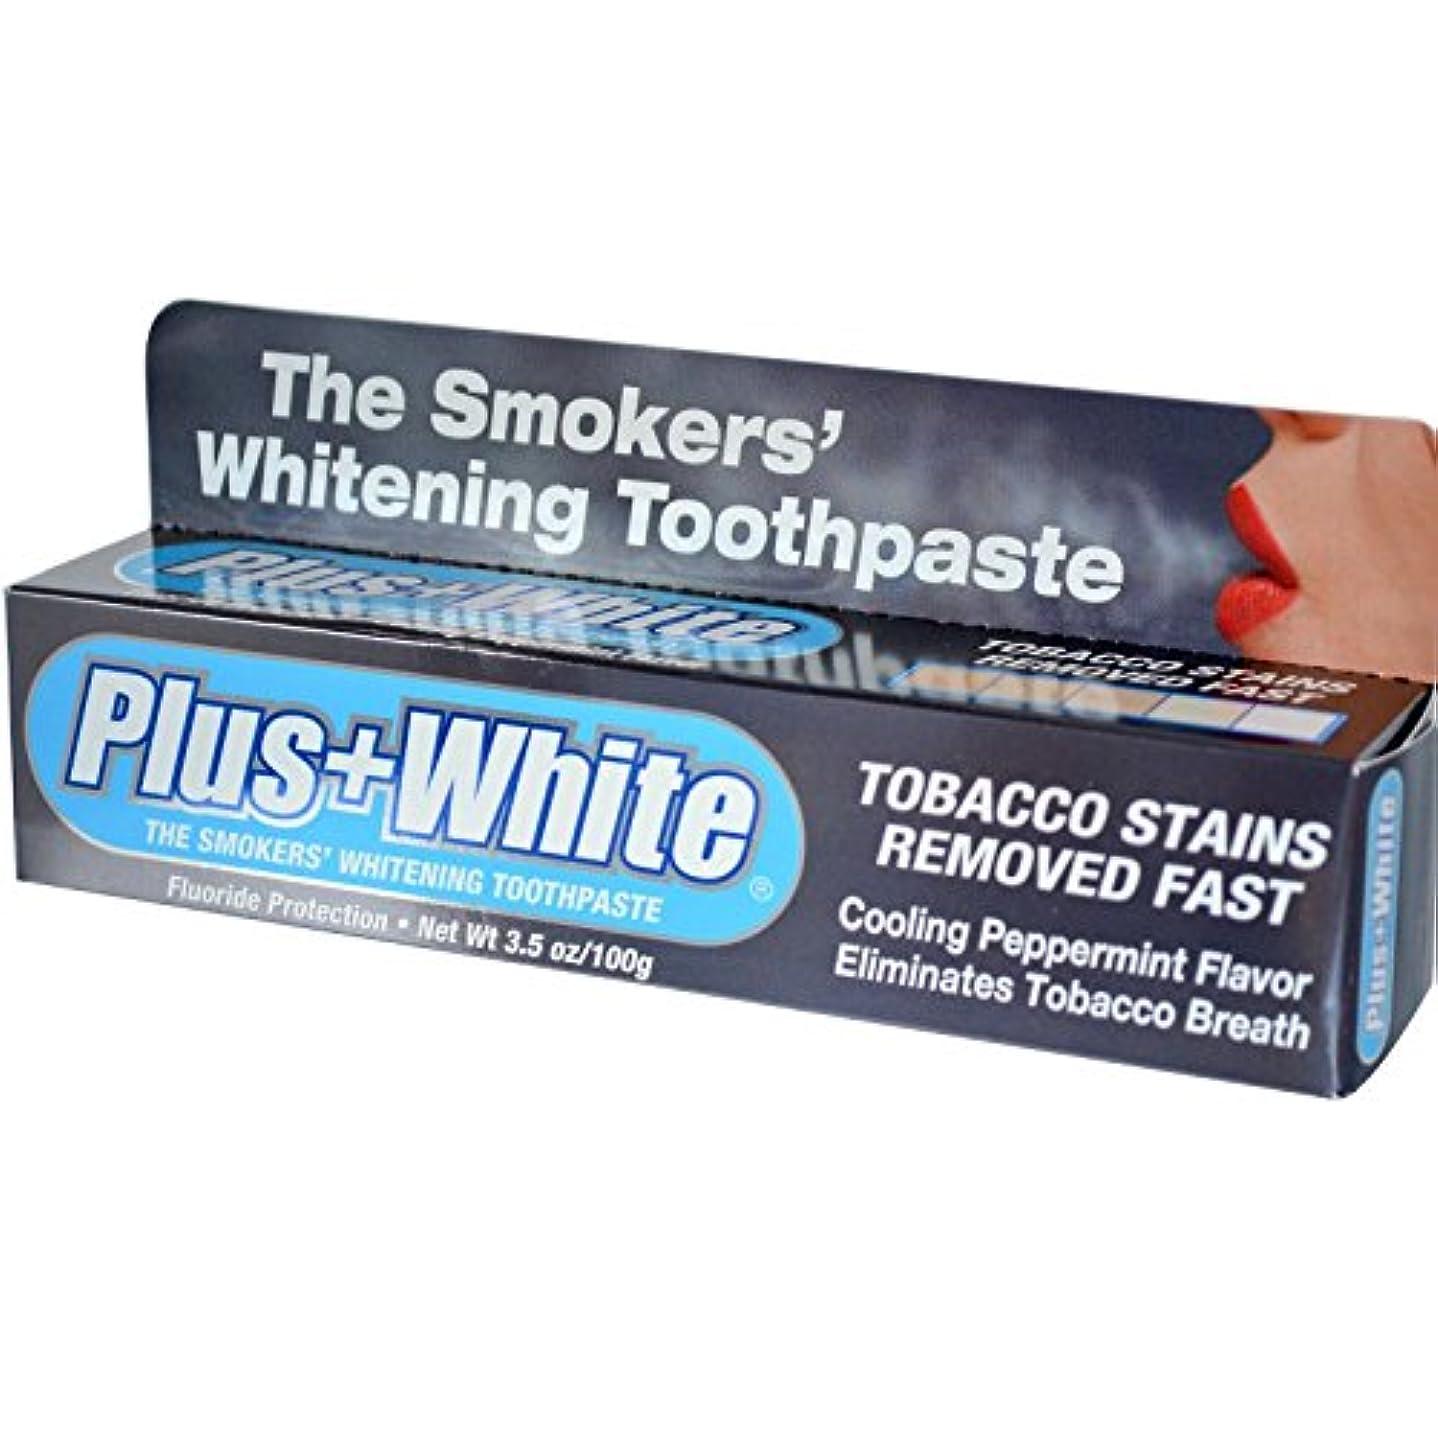 まっすぐ憂慮すべき寂しいPlus White, The Smokers' Whitening Toothpaste, Cooling Peppermint Flavor, 3.5 oz (100 g)